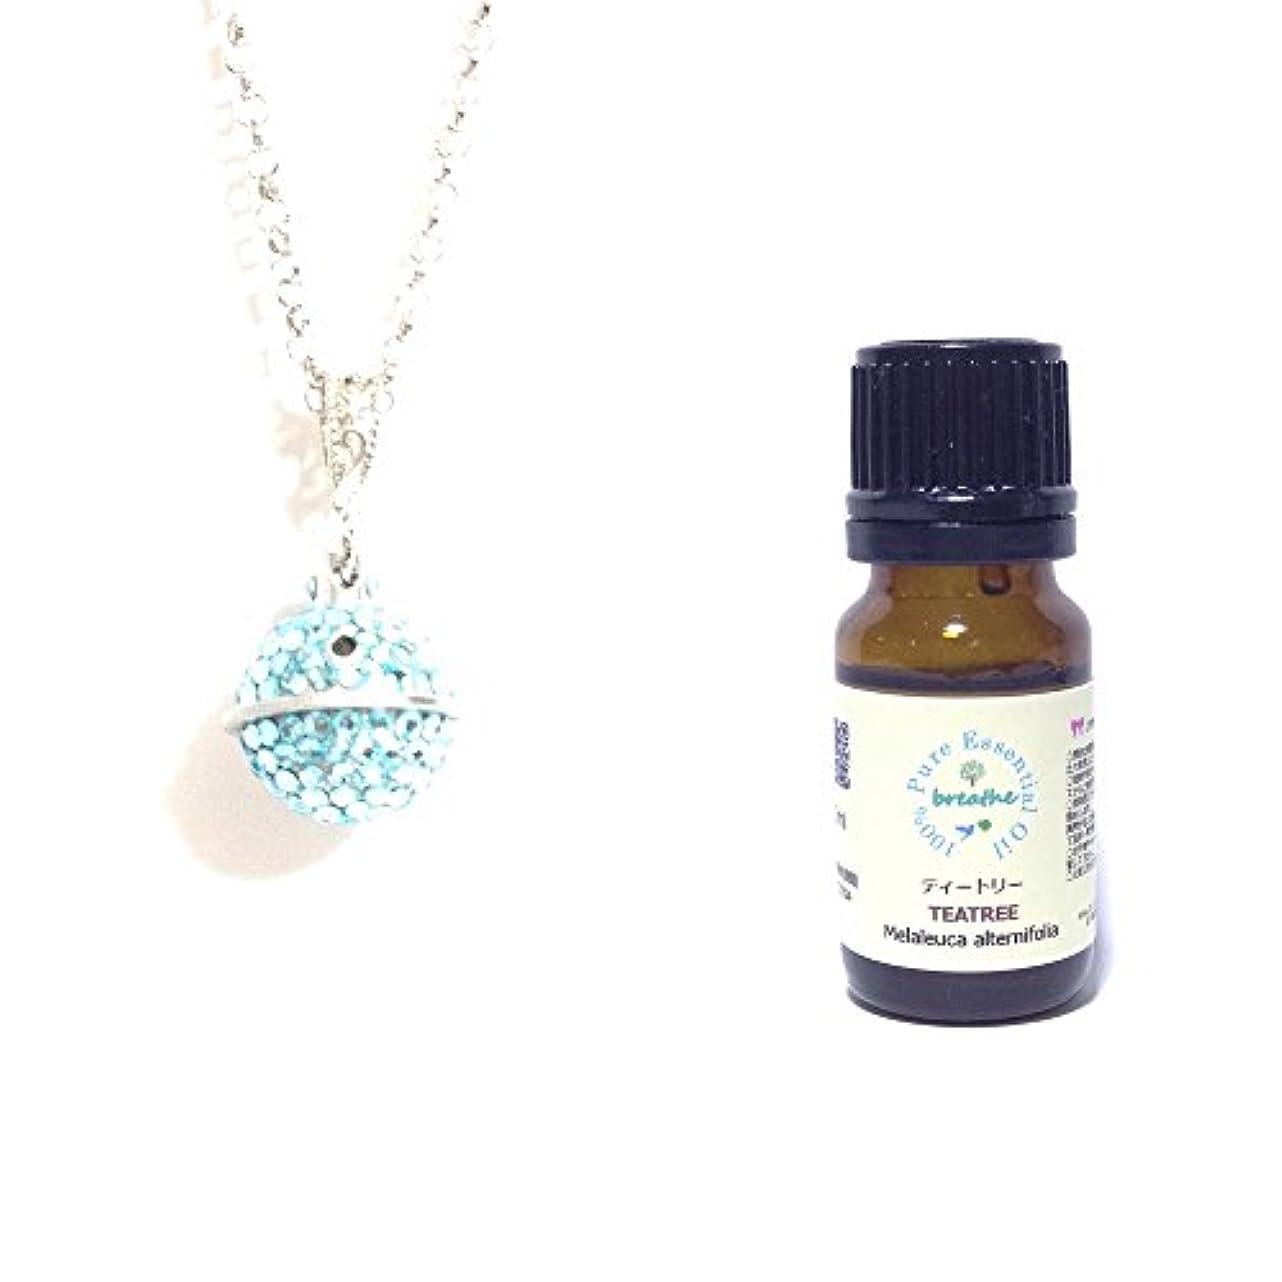 苦しめる本質的ではない消化aroma bijouxアロマペンダント土星 3月誕生石カラー アクアマリン+breathe精油ティートリー10ml 香りのギフトセットl